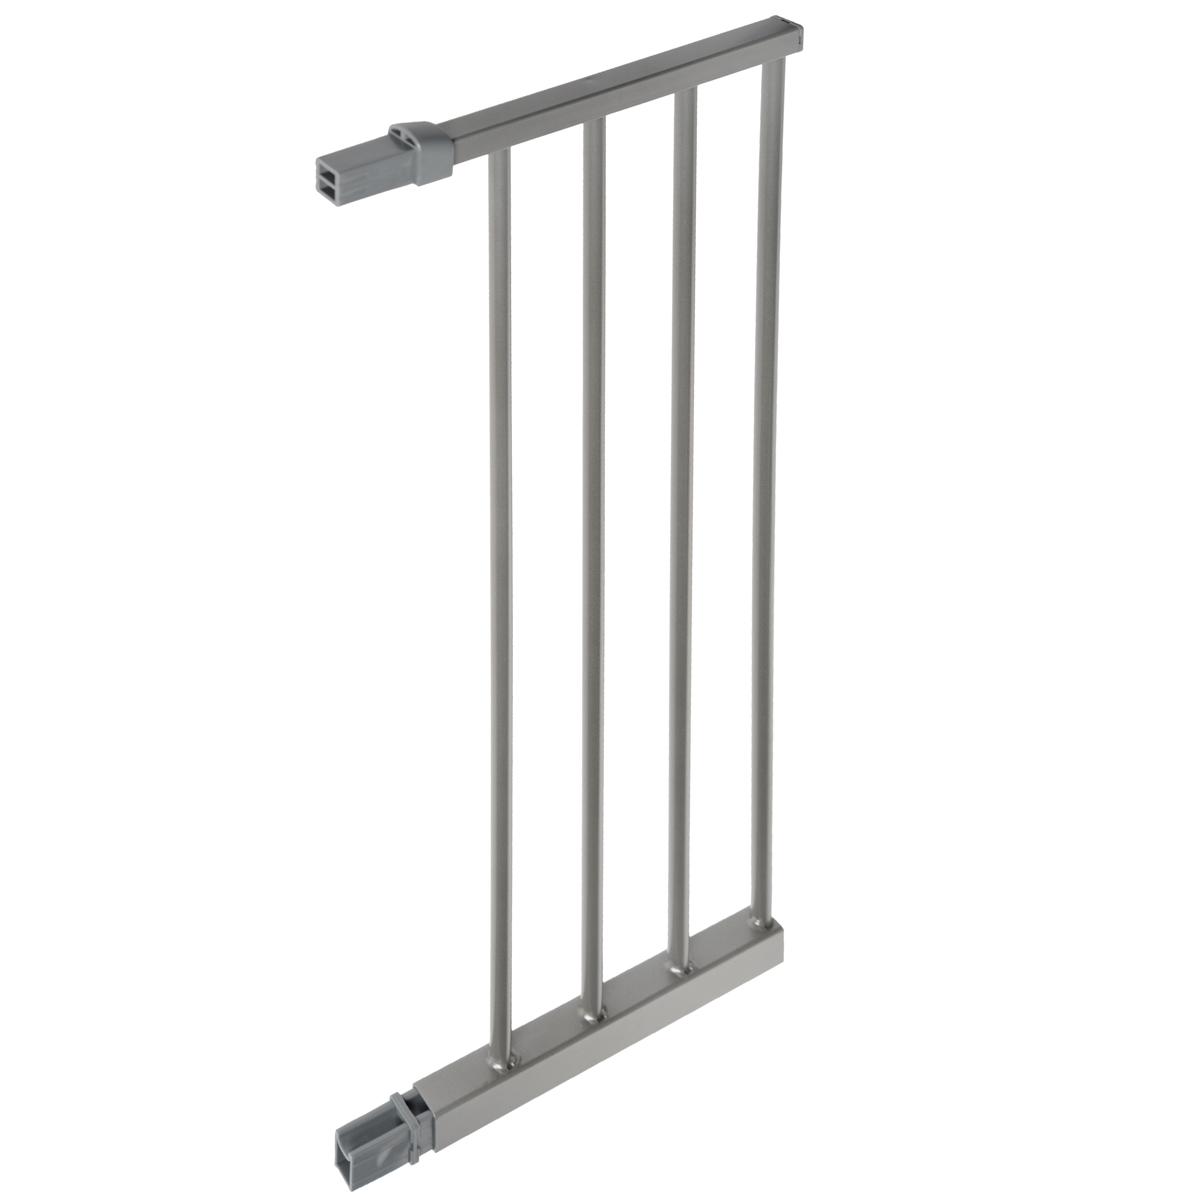 Дополнительная секция к защитным воротам Lindam Sure Shut, цвет: серебристый, 28 см4451301Дополнительная секция к защитным воротам Lindam Sure Shut, выполненная из металла серебристого цвета подходят к Lindam Sure Shut Deco 75-82 см. Дополнительная секция позволяет увеличить ширину ворот на 28 см. С каждой стороны ворот можно устанавливать по 2 дополнительных секции и даже более, если не уменьшается их устойчивость. Характеристики: Материал: металл, пластик. Размер секции: 27 см х 74 см х 2 см. Размер упаковки: 30,5 см x 75 см x 4 см. Изготовитель: Китай.